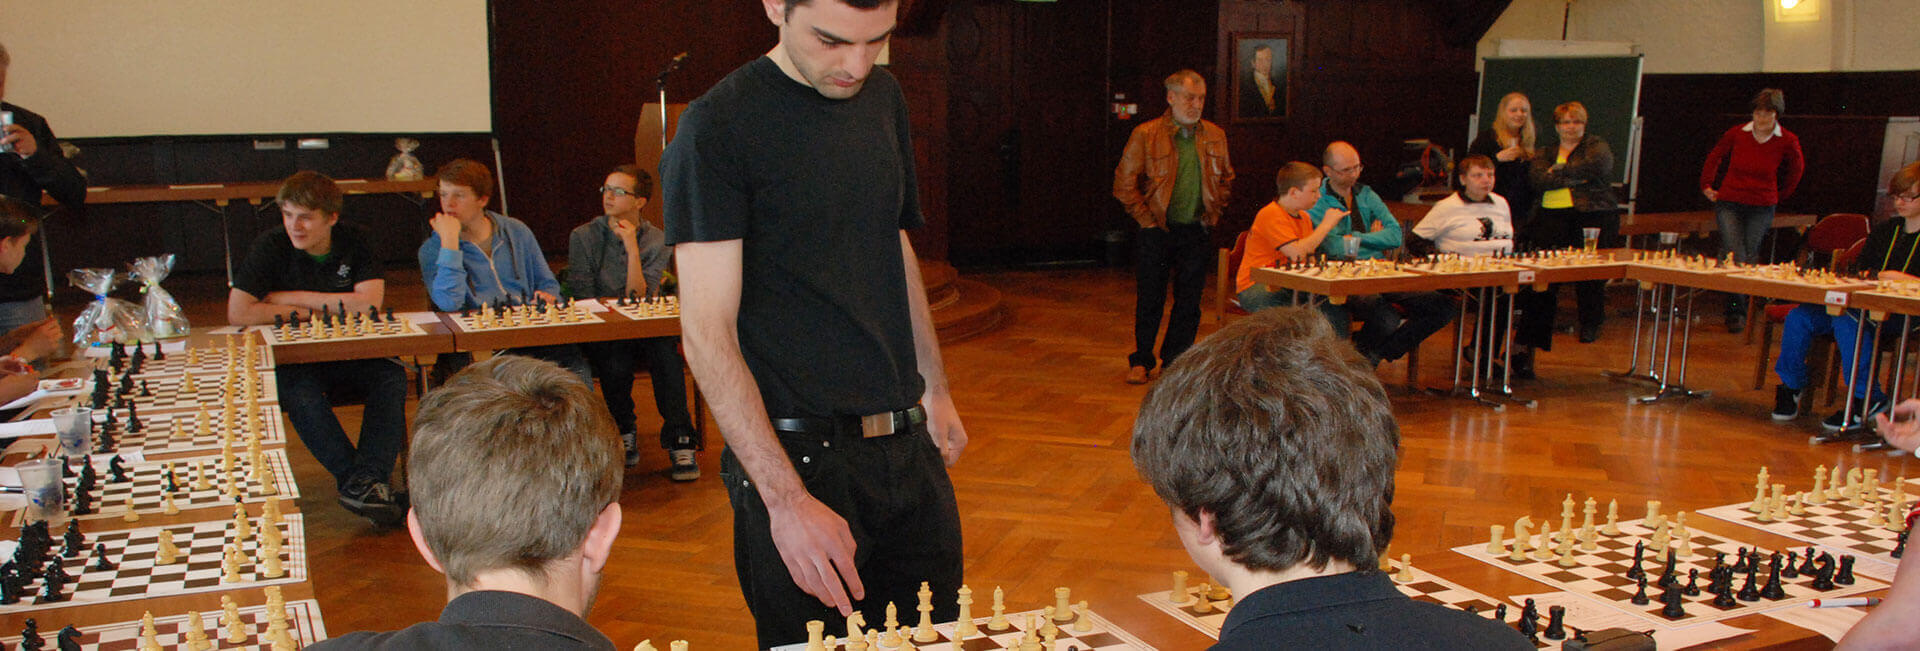 http://schach.arnoldi-gym.de/wp-content/uploads/2016/12/schach-turnier-header-arnoldi.jpg